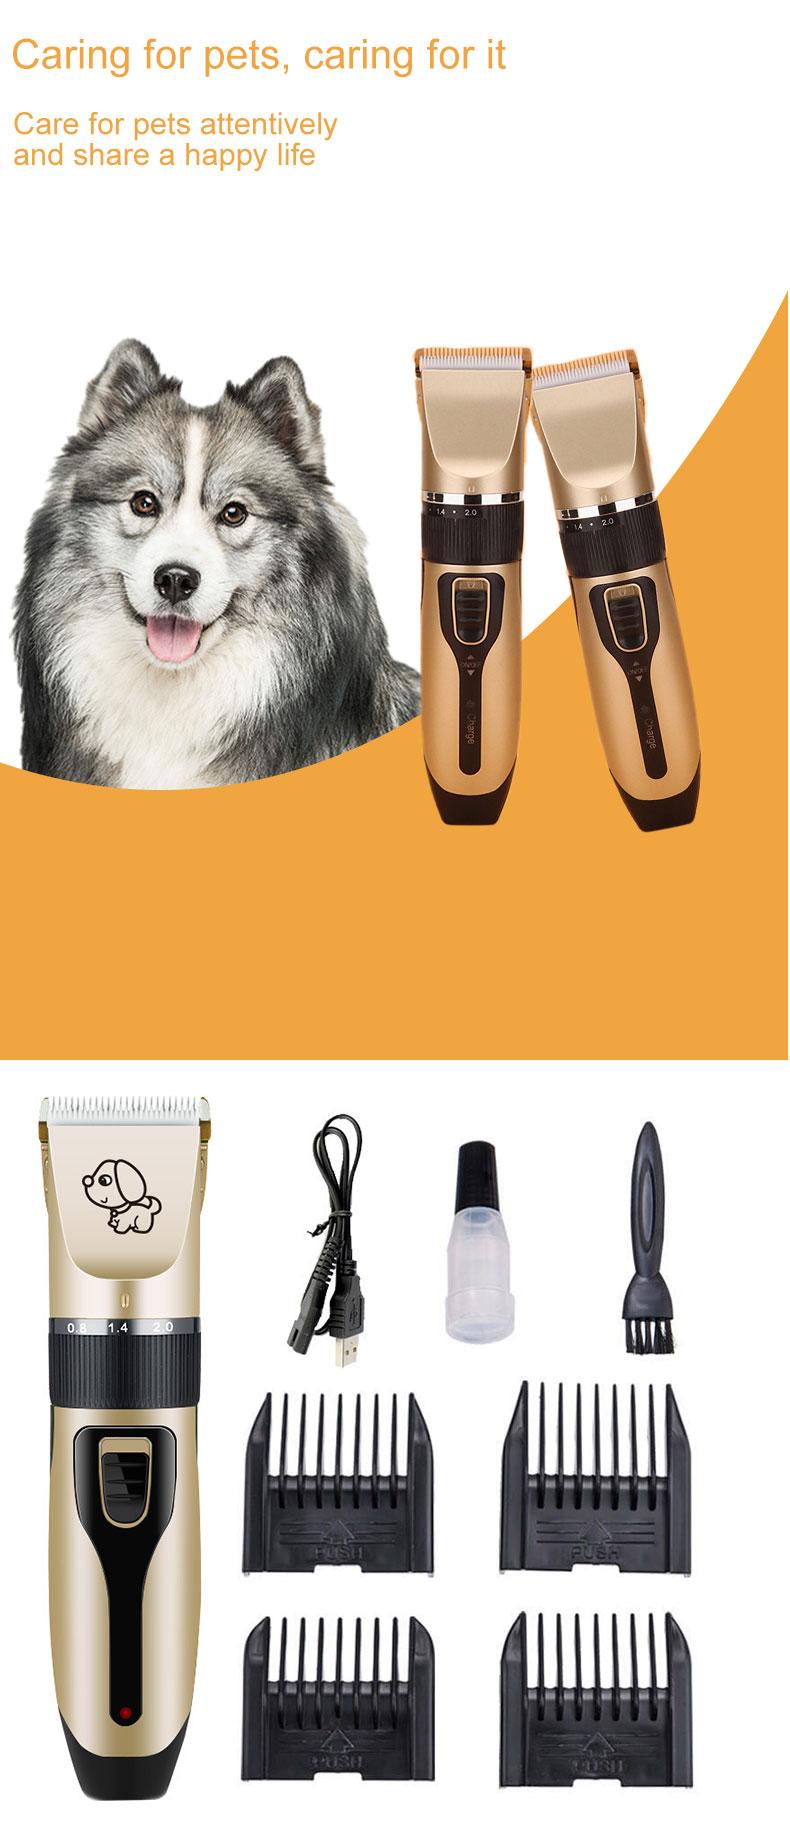 Pet Electric scissor